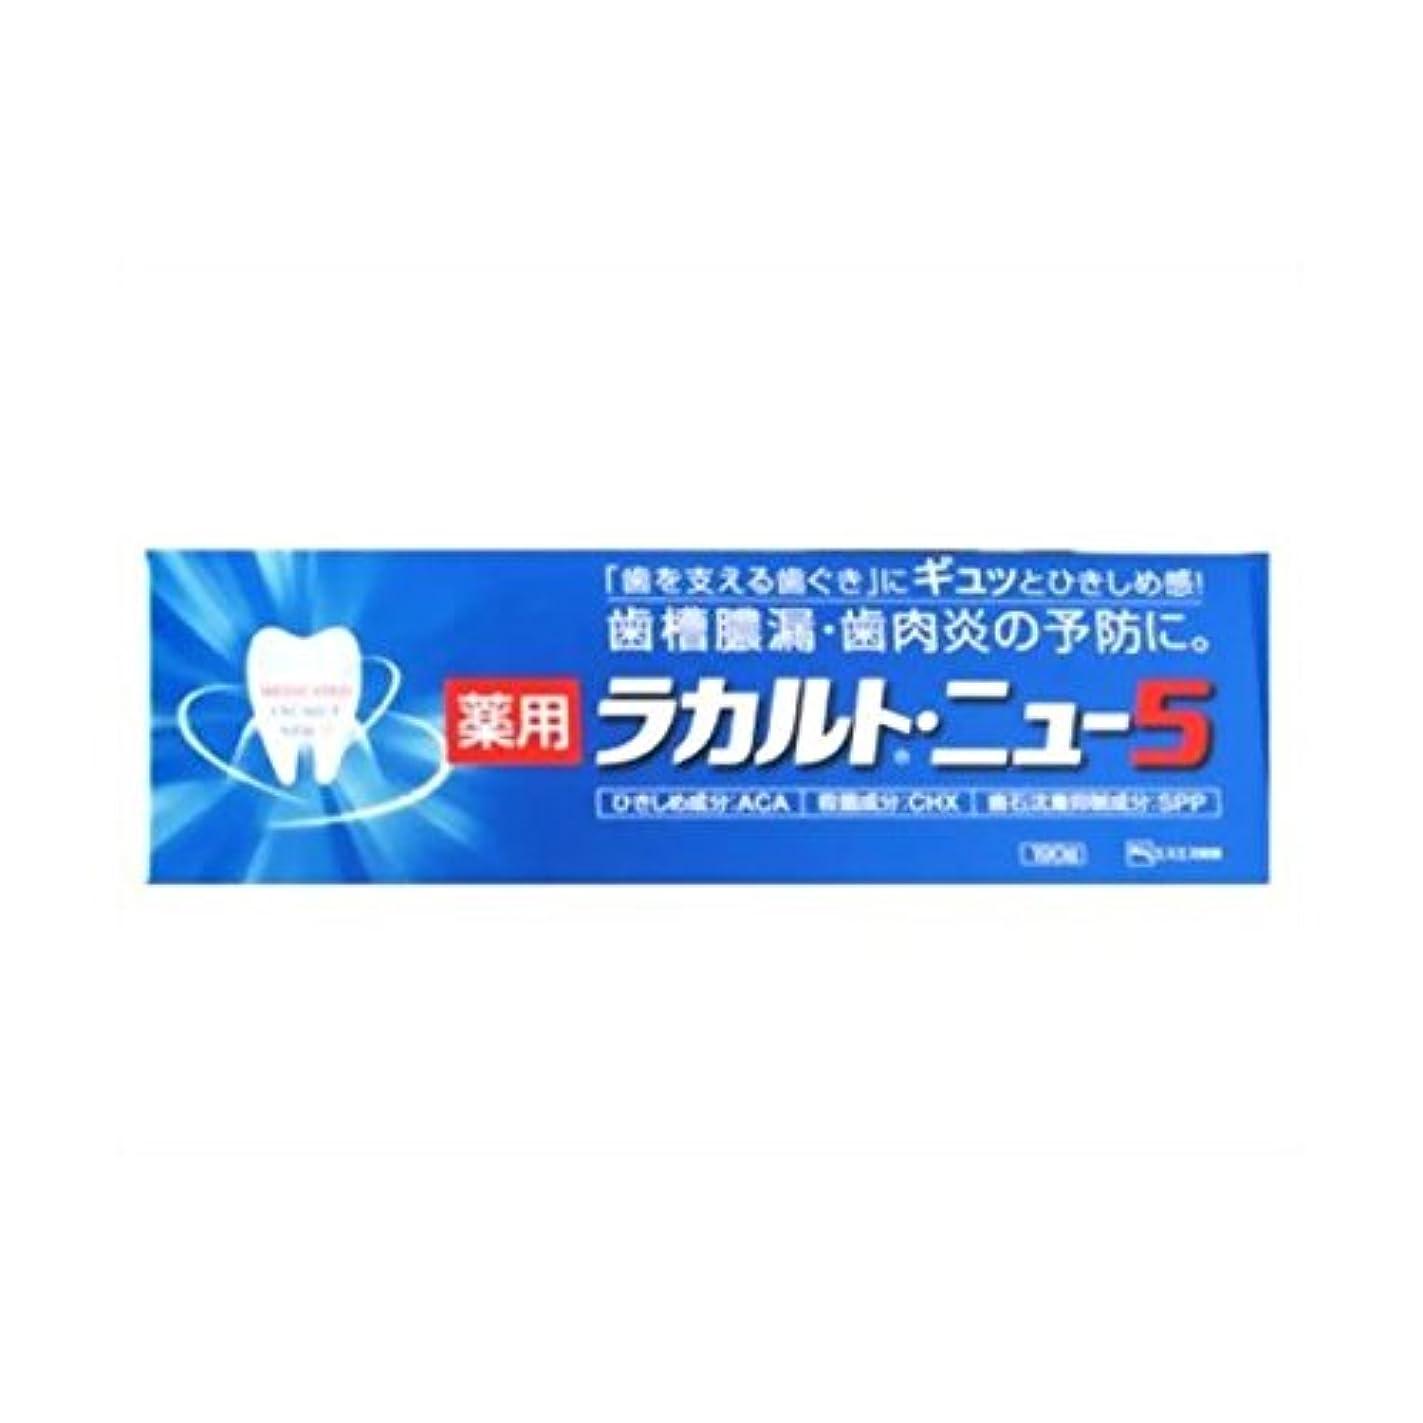 わな満たすノイズ【お徳用 3 セット】 薬用ラカルトニュー5 190g×3セット